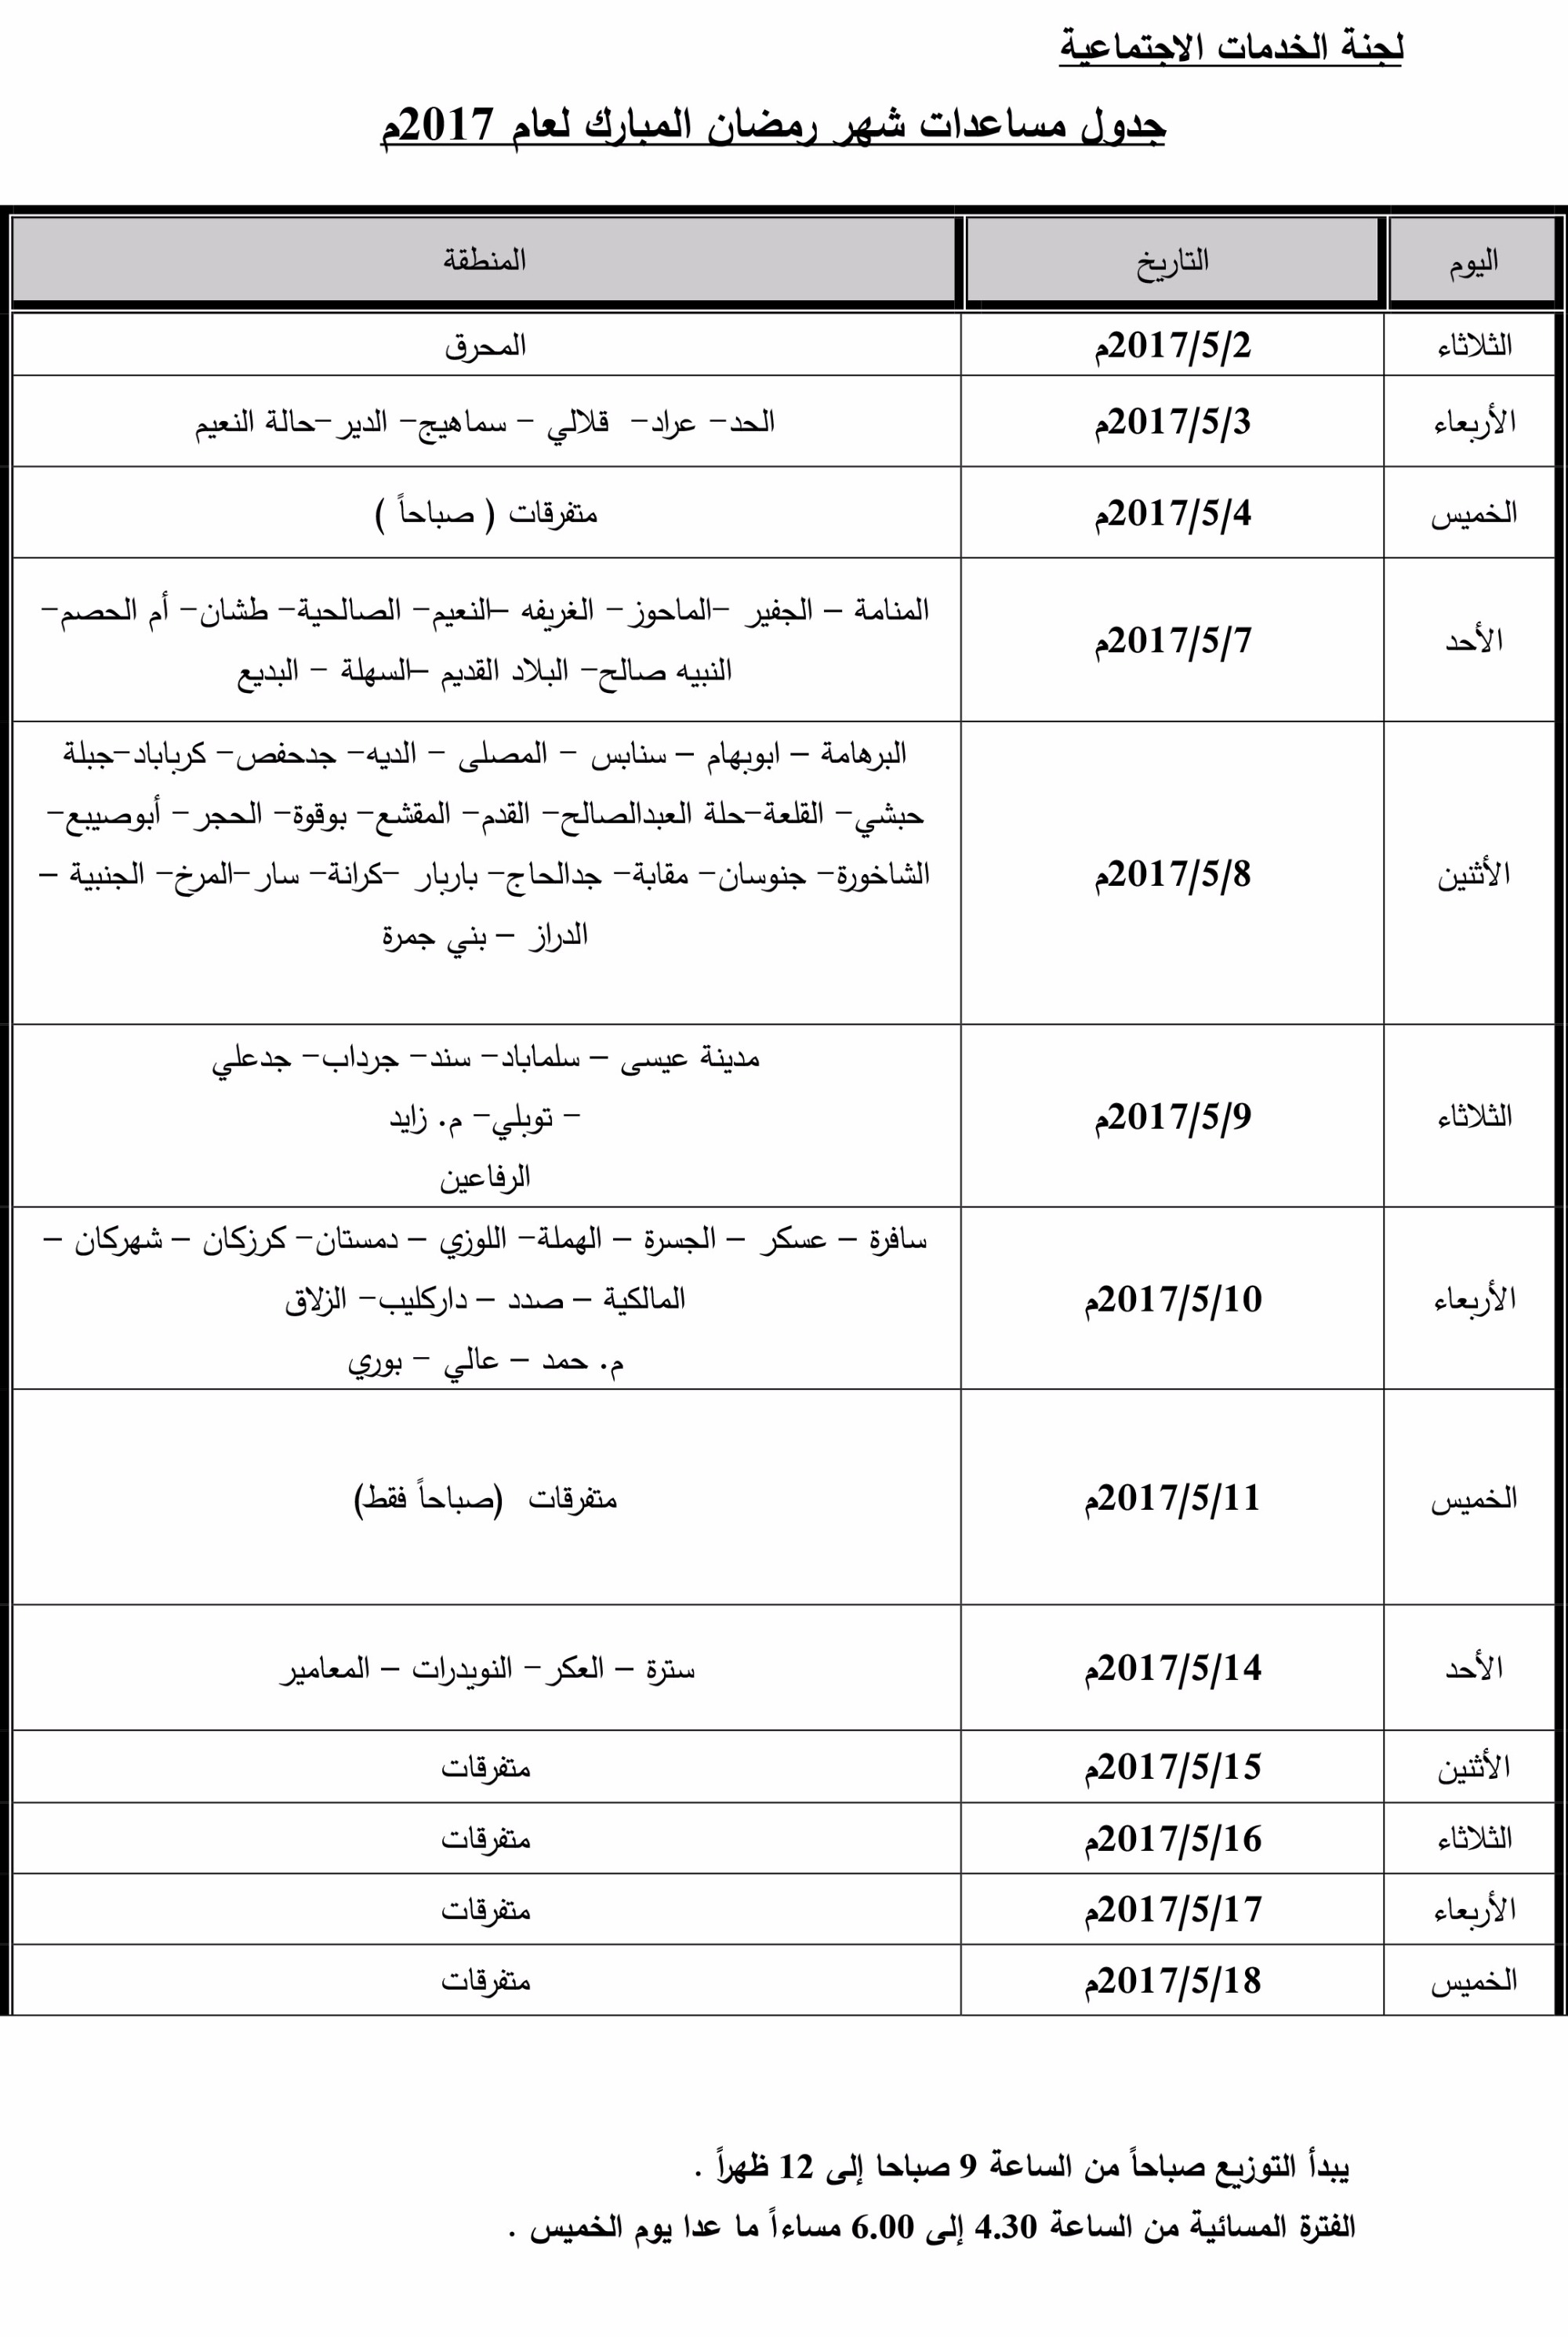 جدول المساعدات الرمضانية لجمعية الهلال الأحمر البحريني